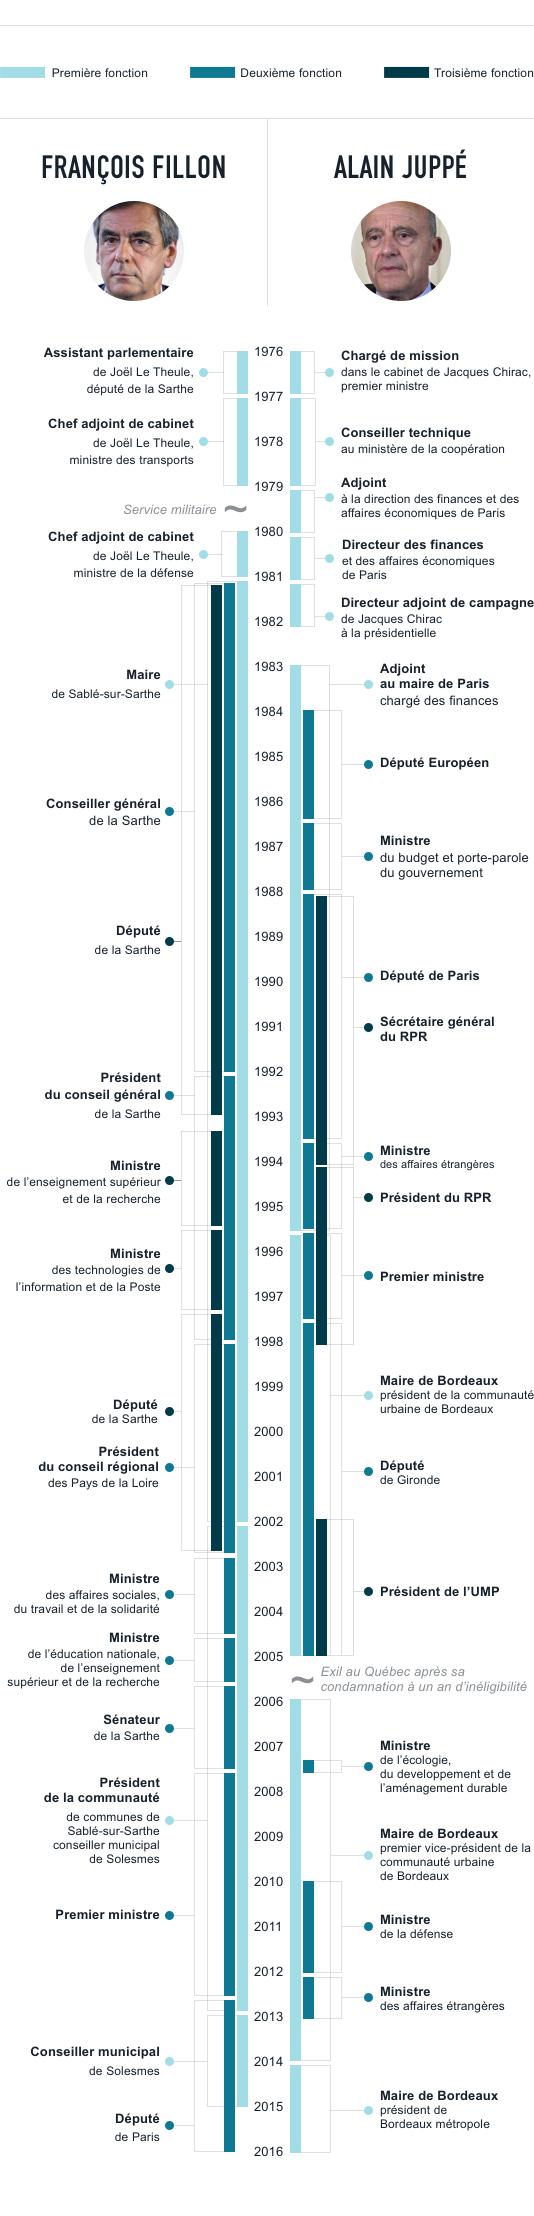 Parcours politique de Fillon et Juppé / cumul / primaire de la droite